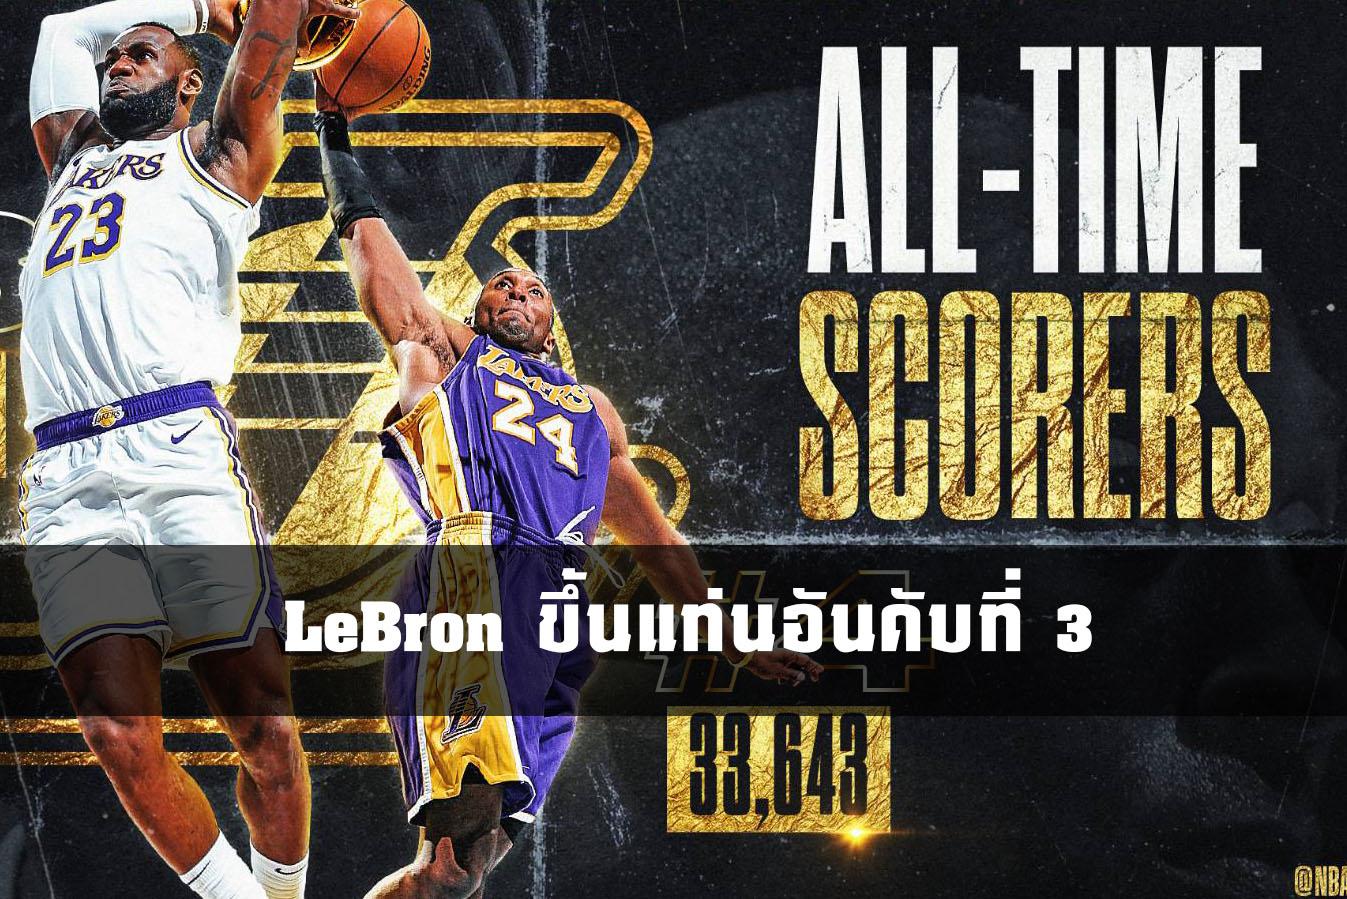 ขึ้นที่ 3 ตลอดกาล !! LeBron ขึ้นแท่นอันดับที่ 3 การทำแต้มสูงสุดตลอดกาลใน NBA